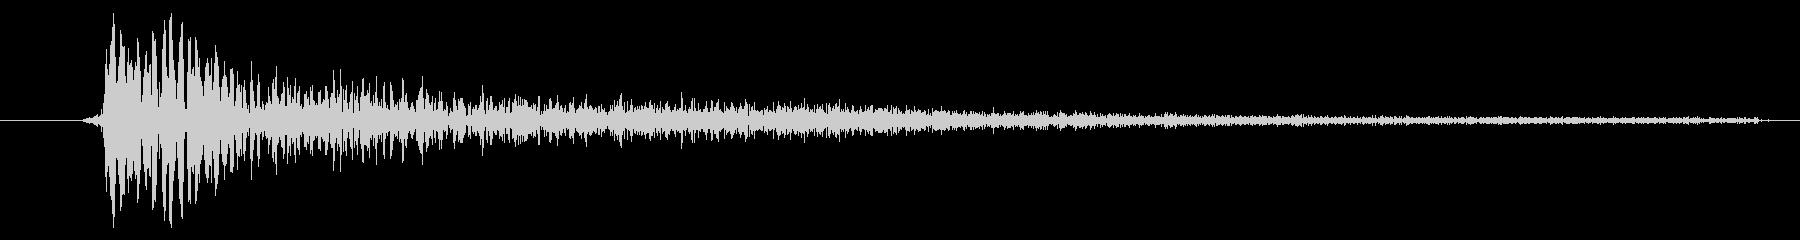 ダンスミュージック向けスネアドラム1発の未再生の波形